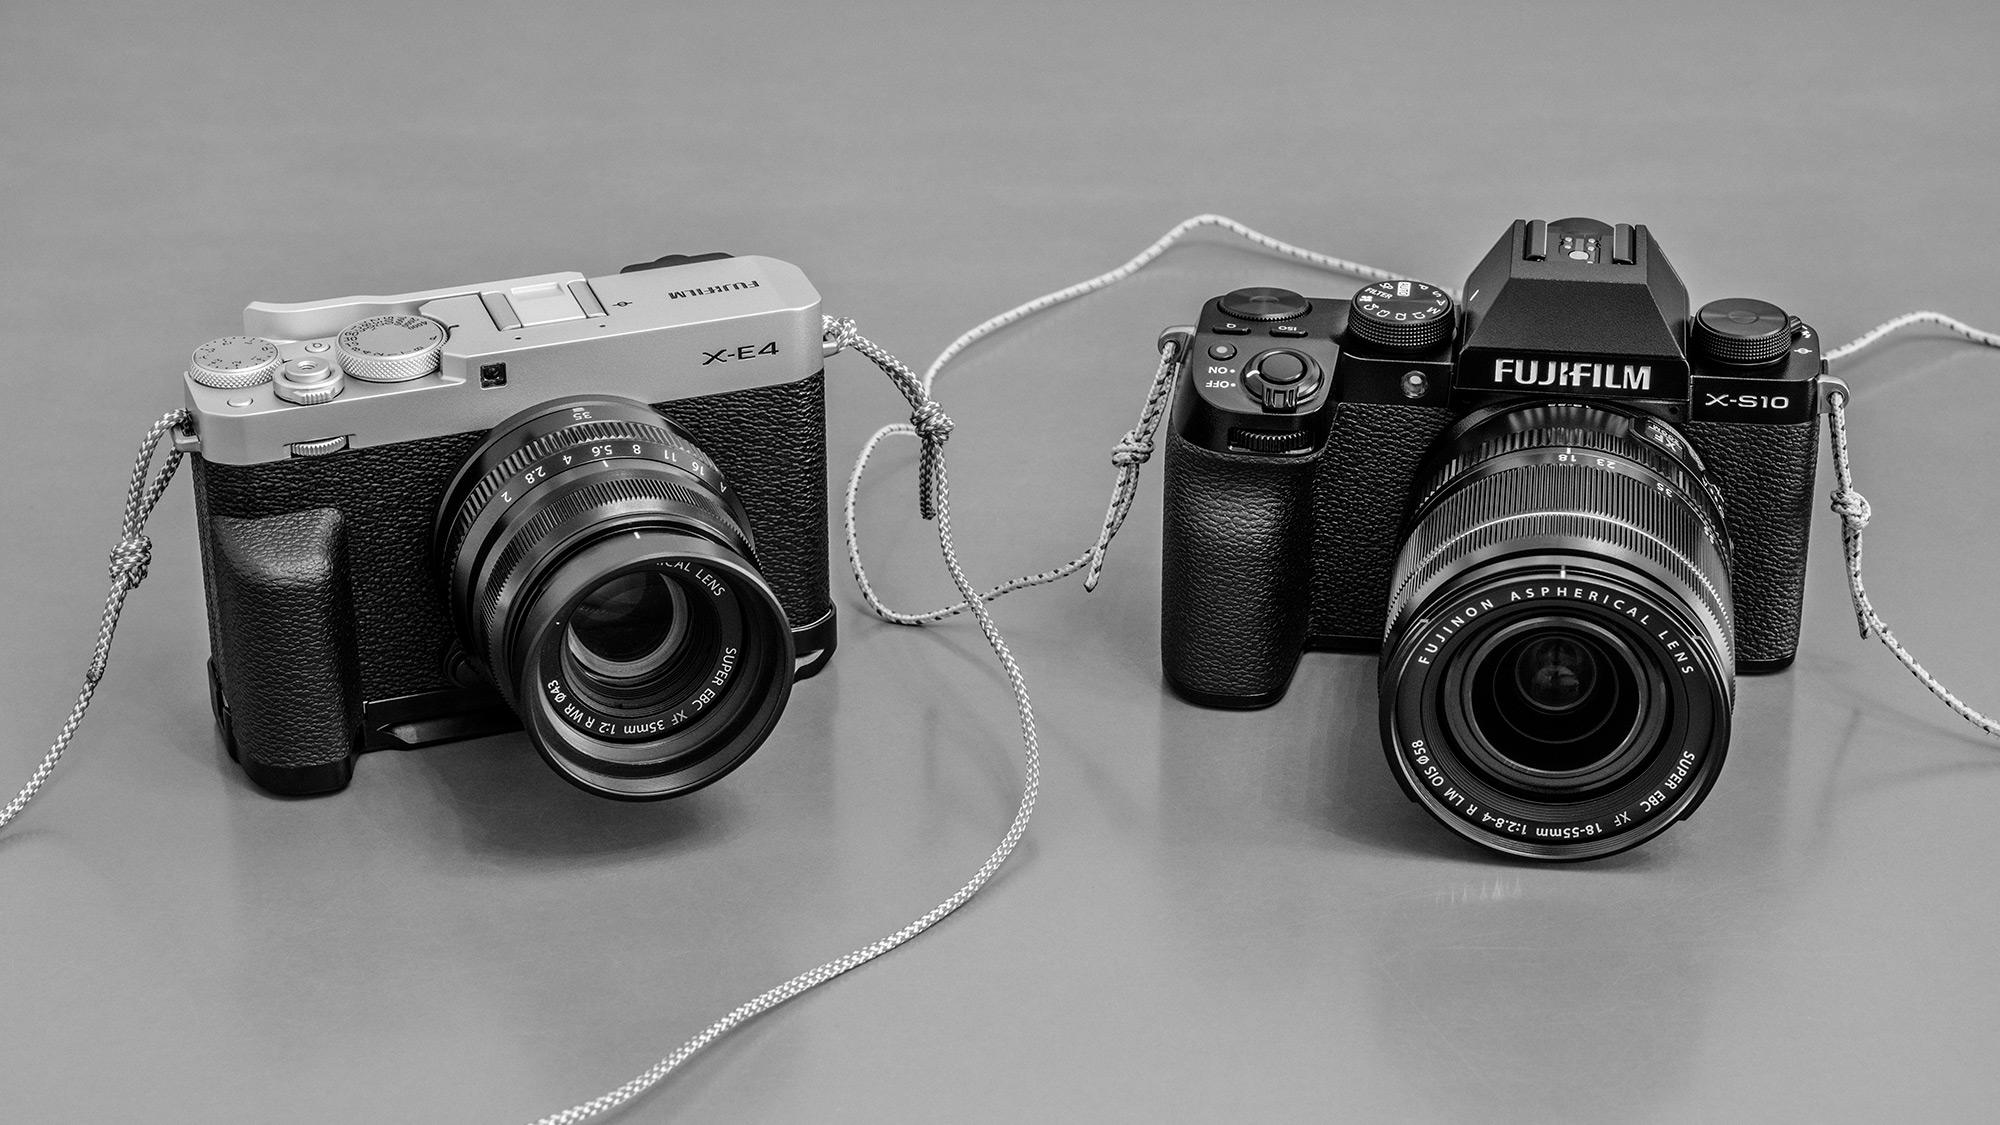 Die Fujifilm X-E4 und die X-S10, Foto: Martin Hülle